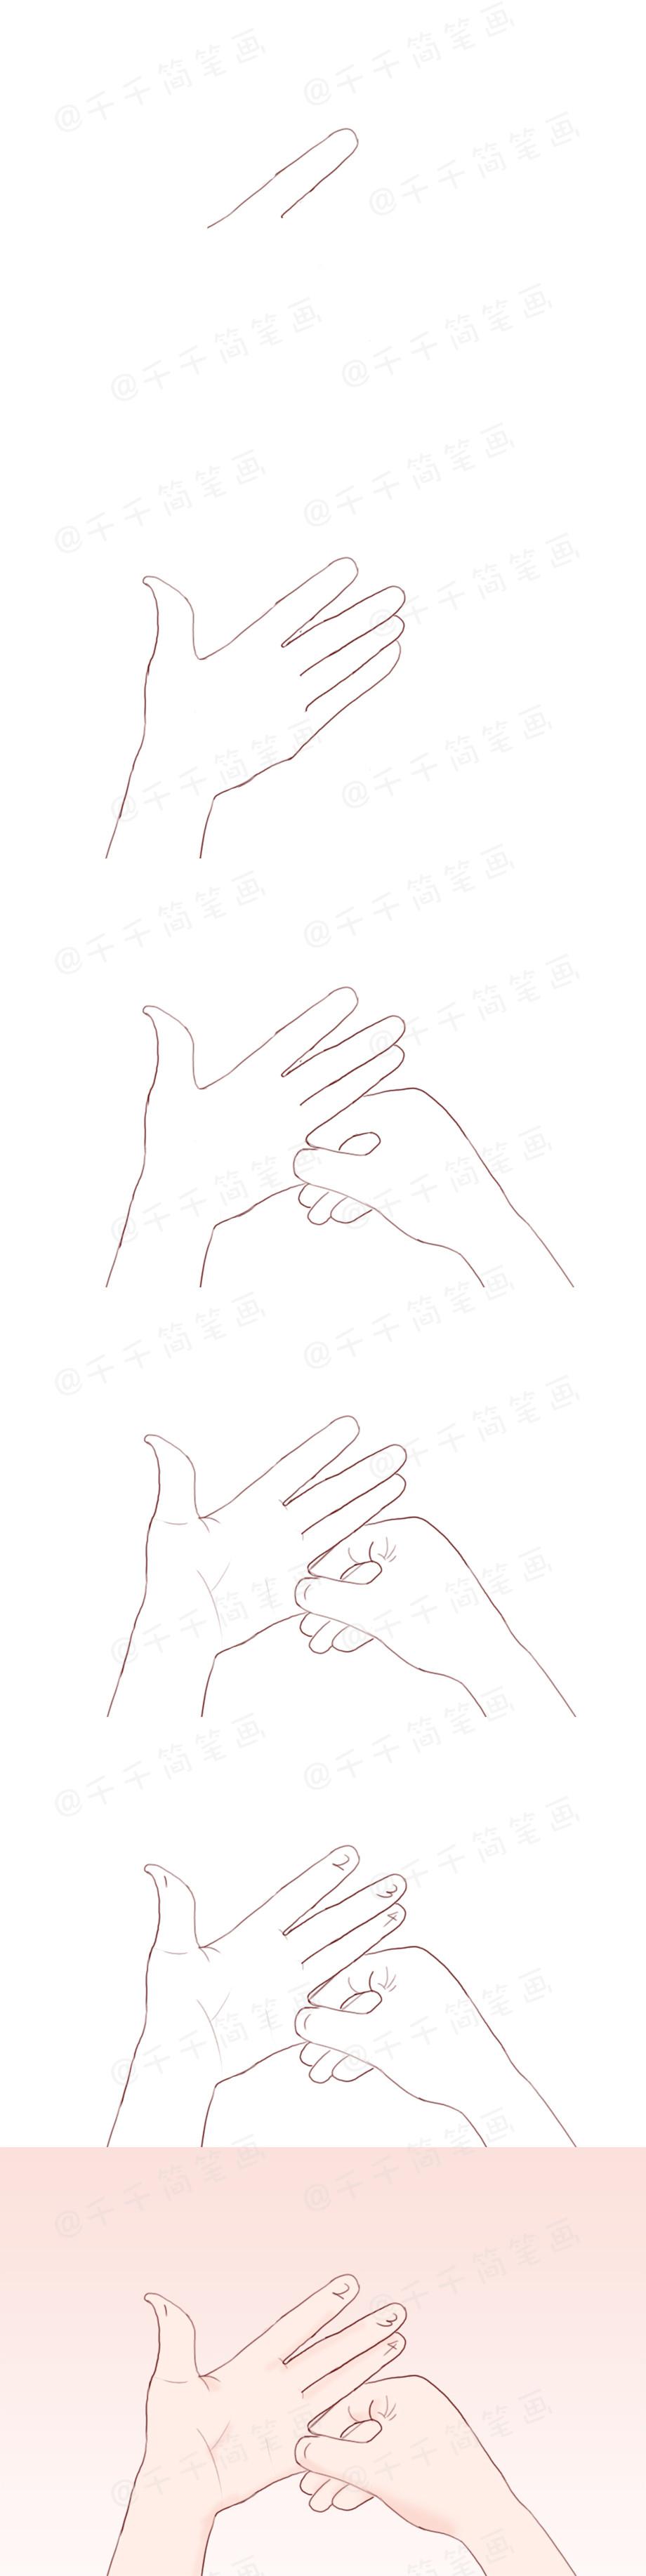 【5岁+成语故事】屈指可数【千千简笔画国学 】